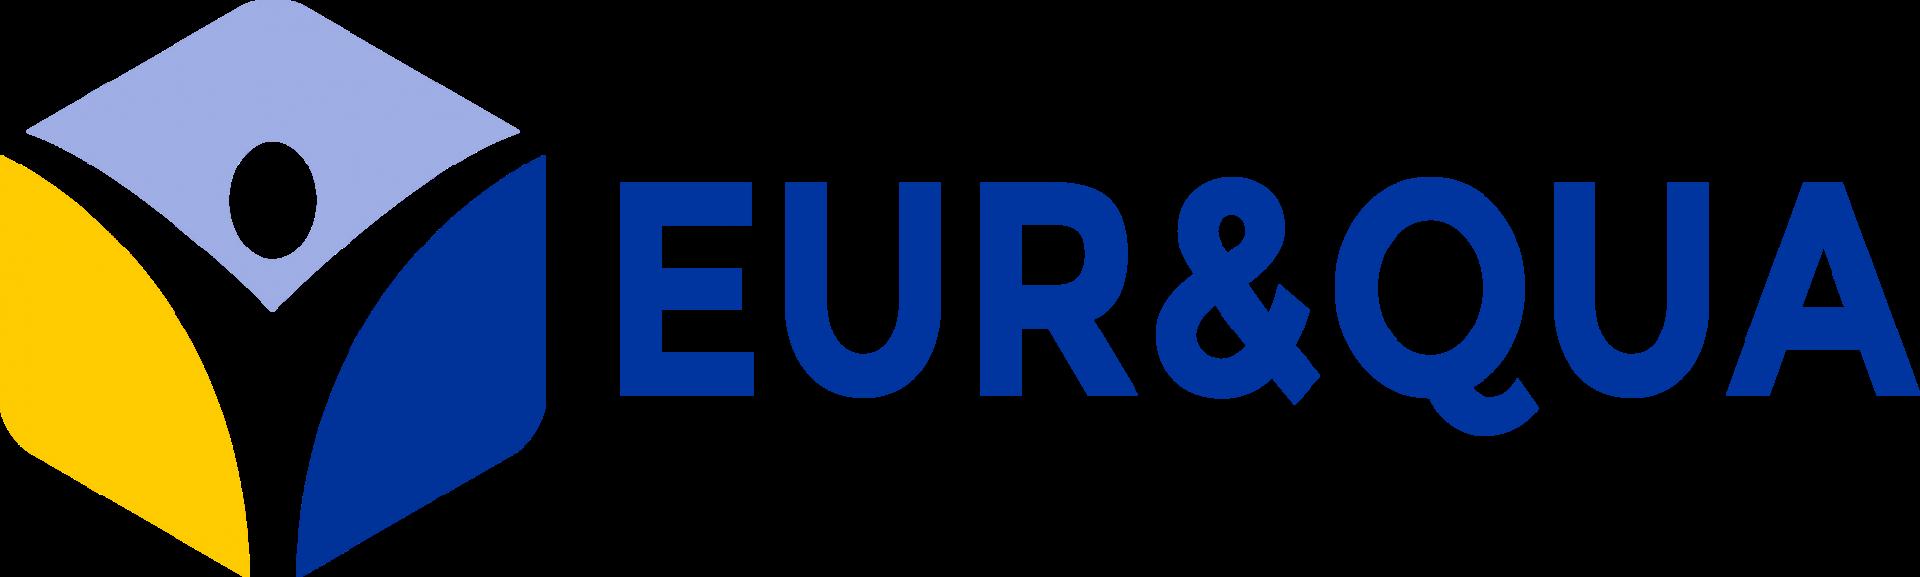 Logo eurequa projet 1 blue